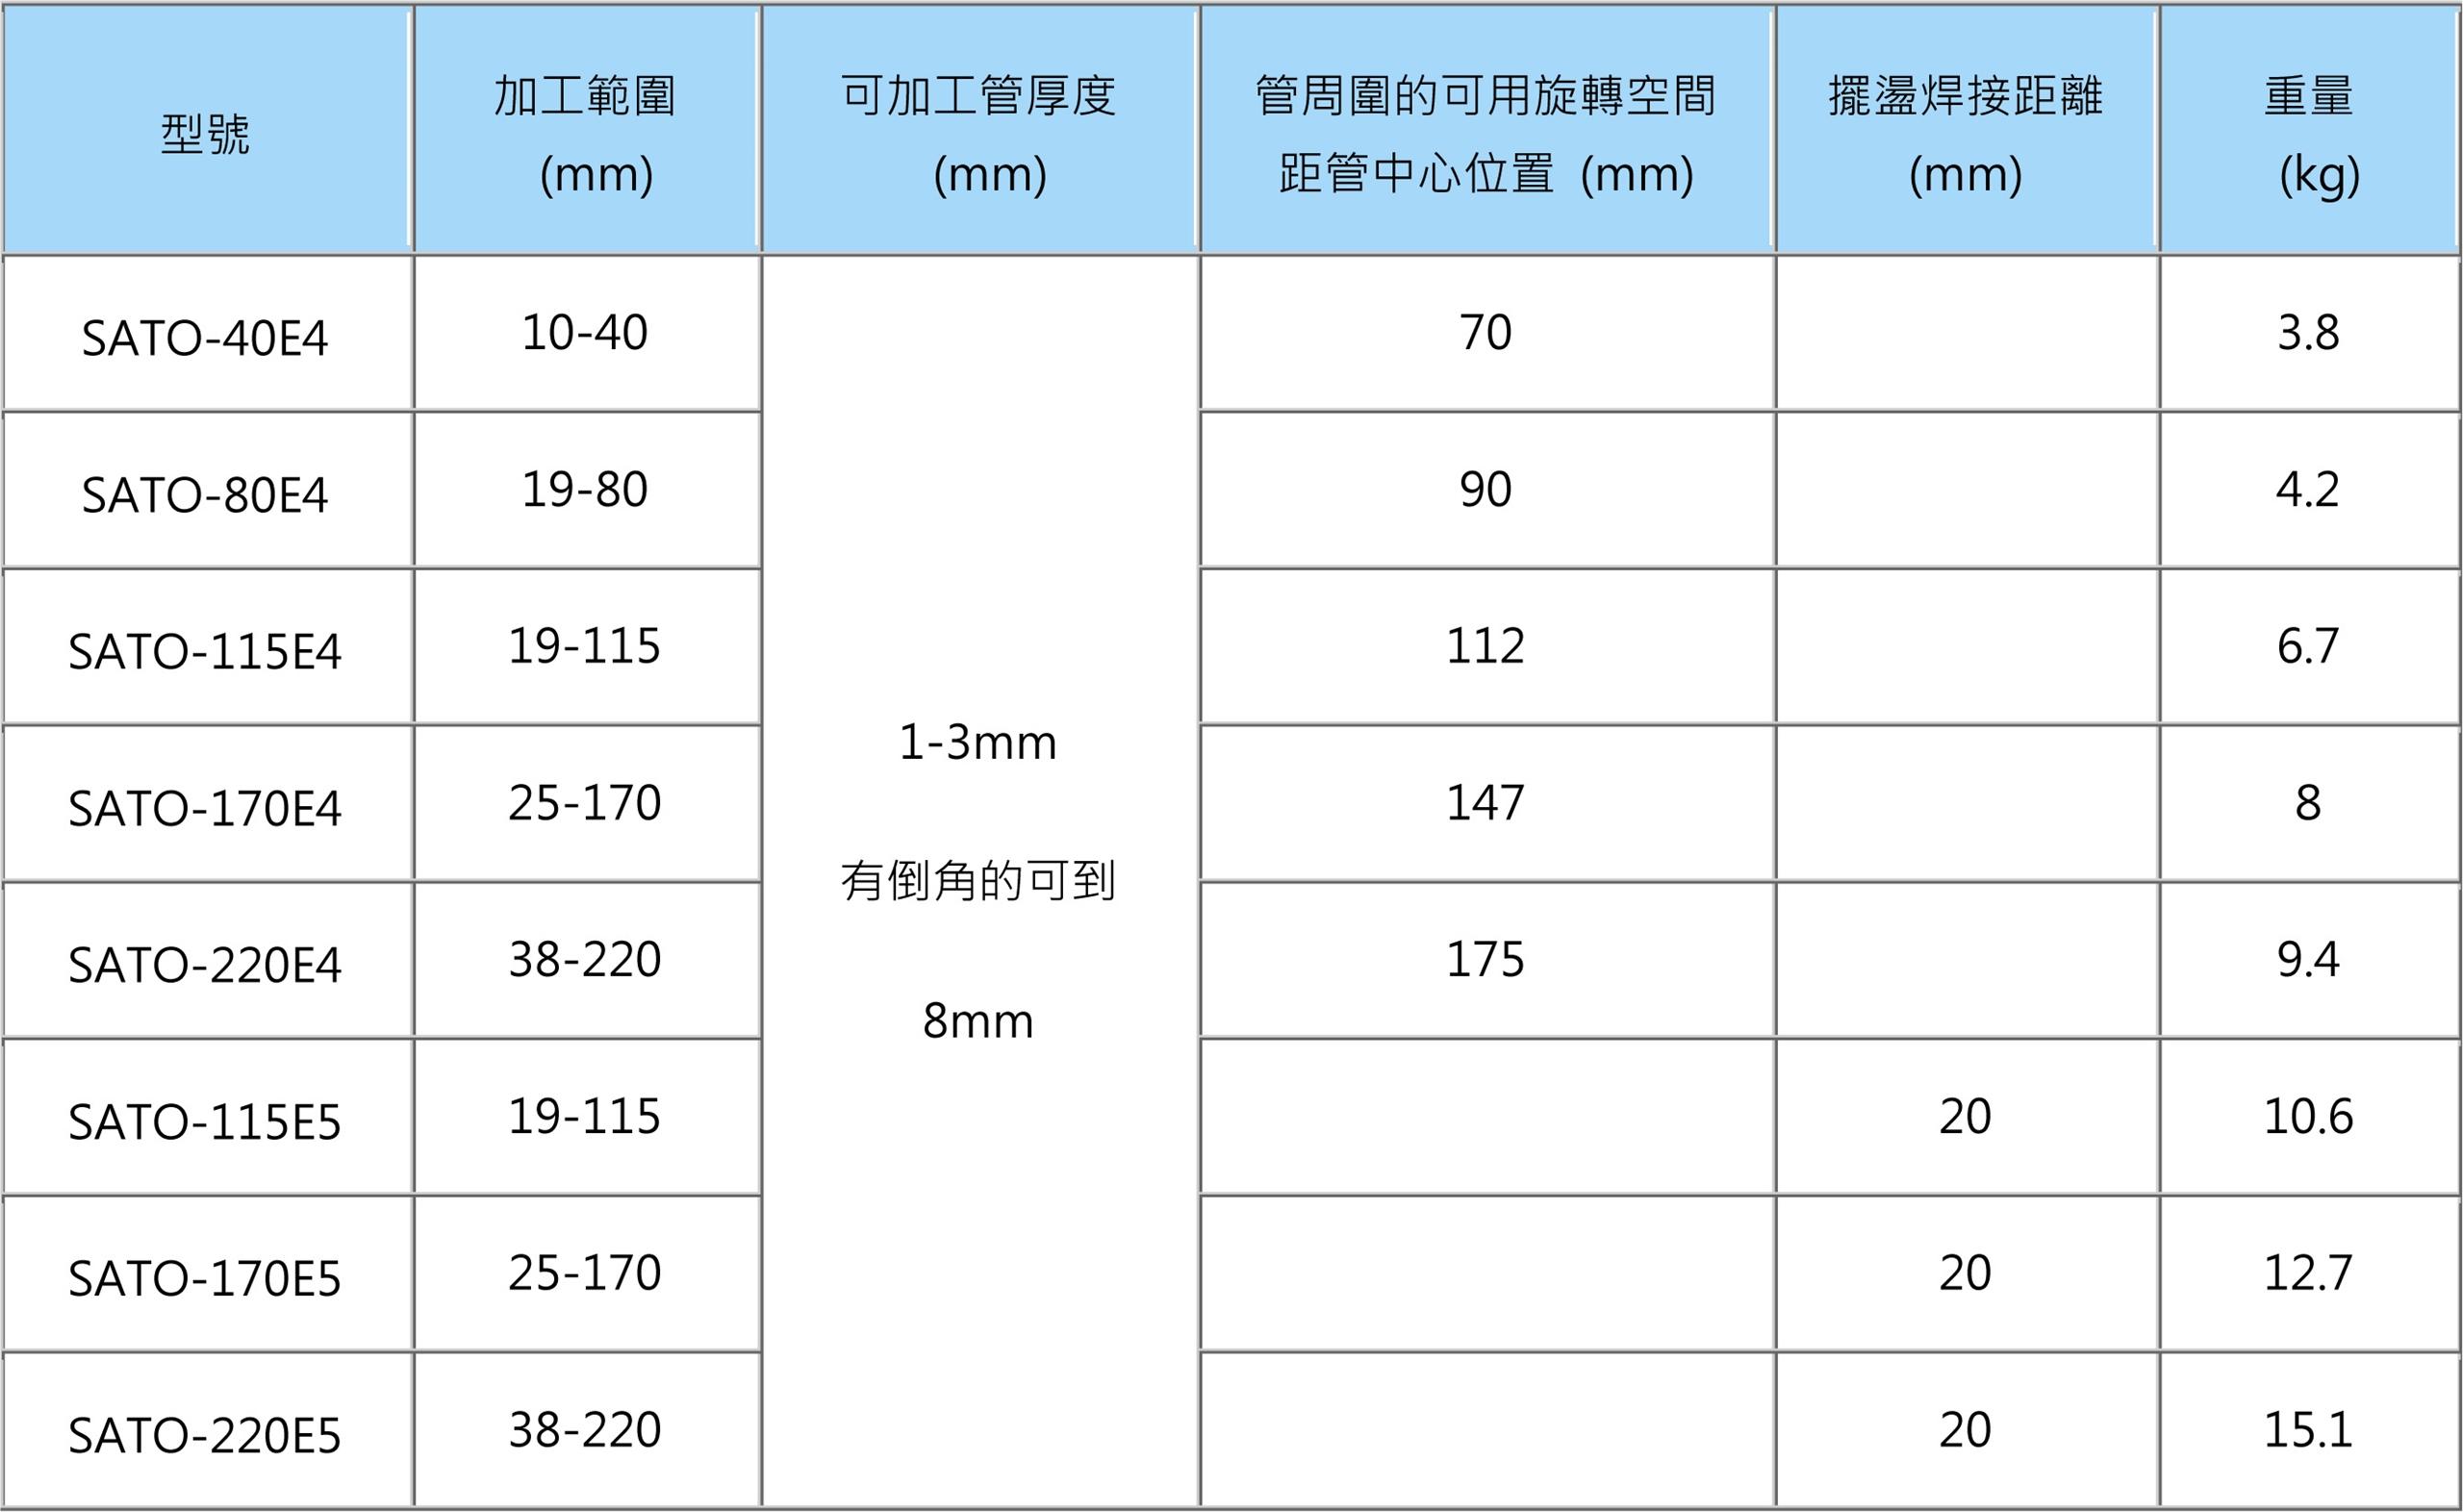 開放式焊接機 規格表